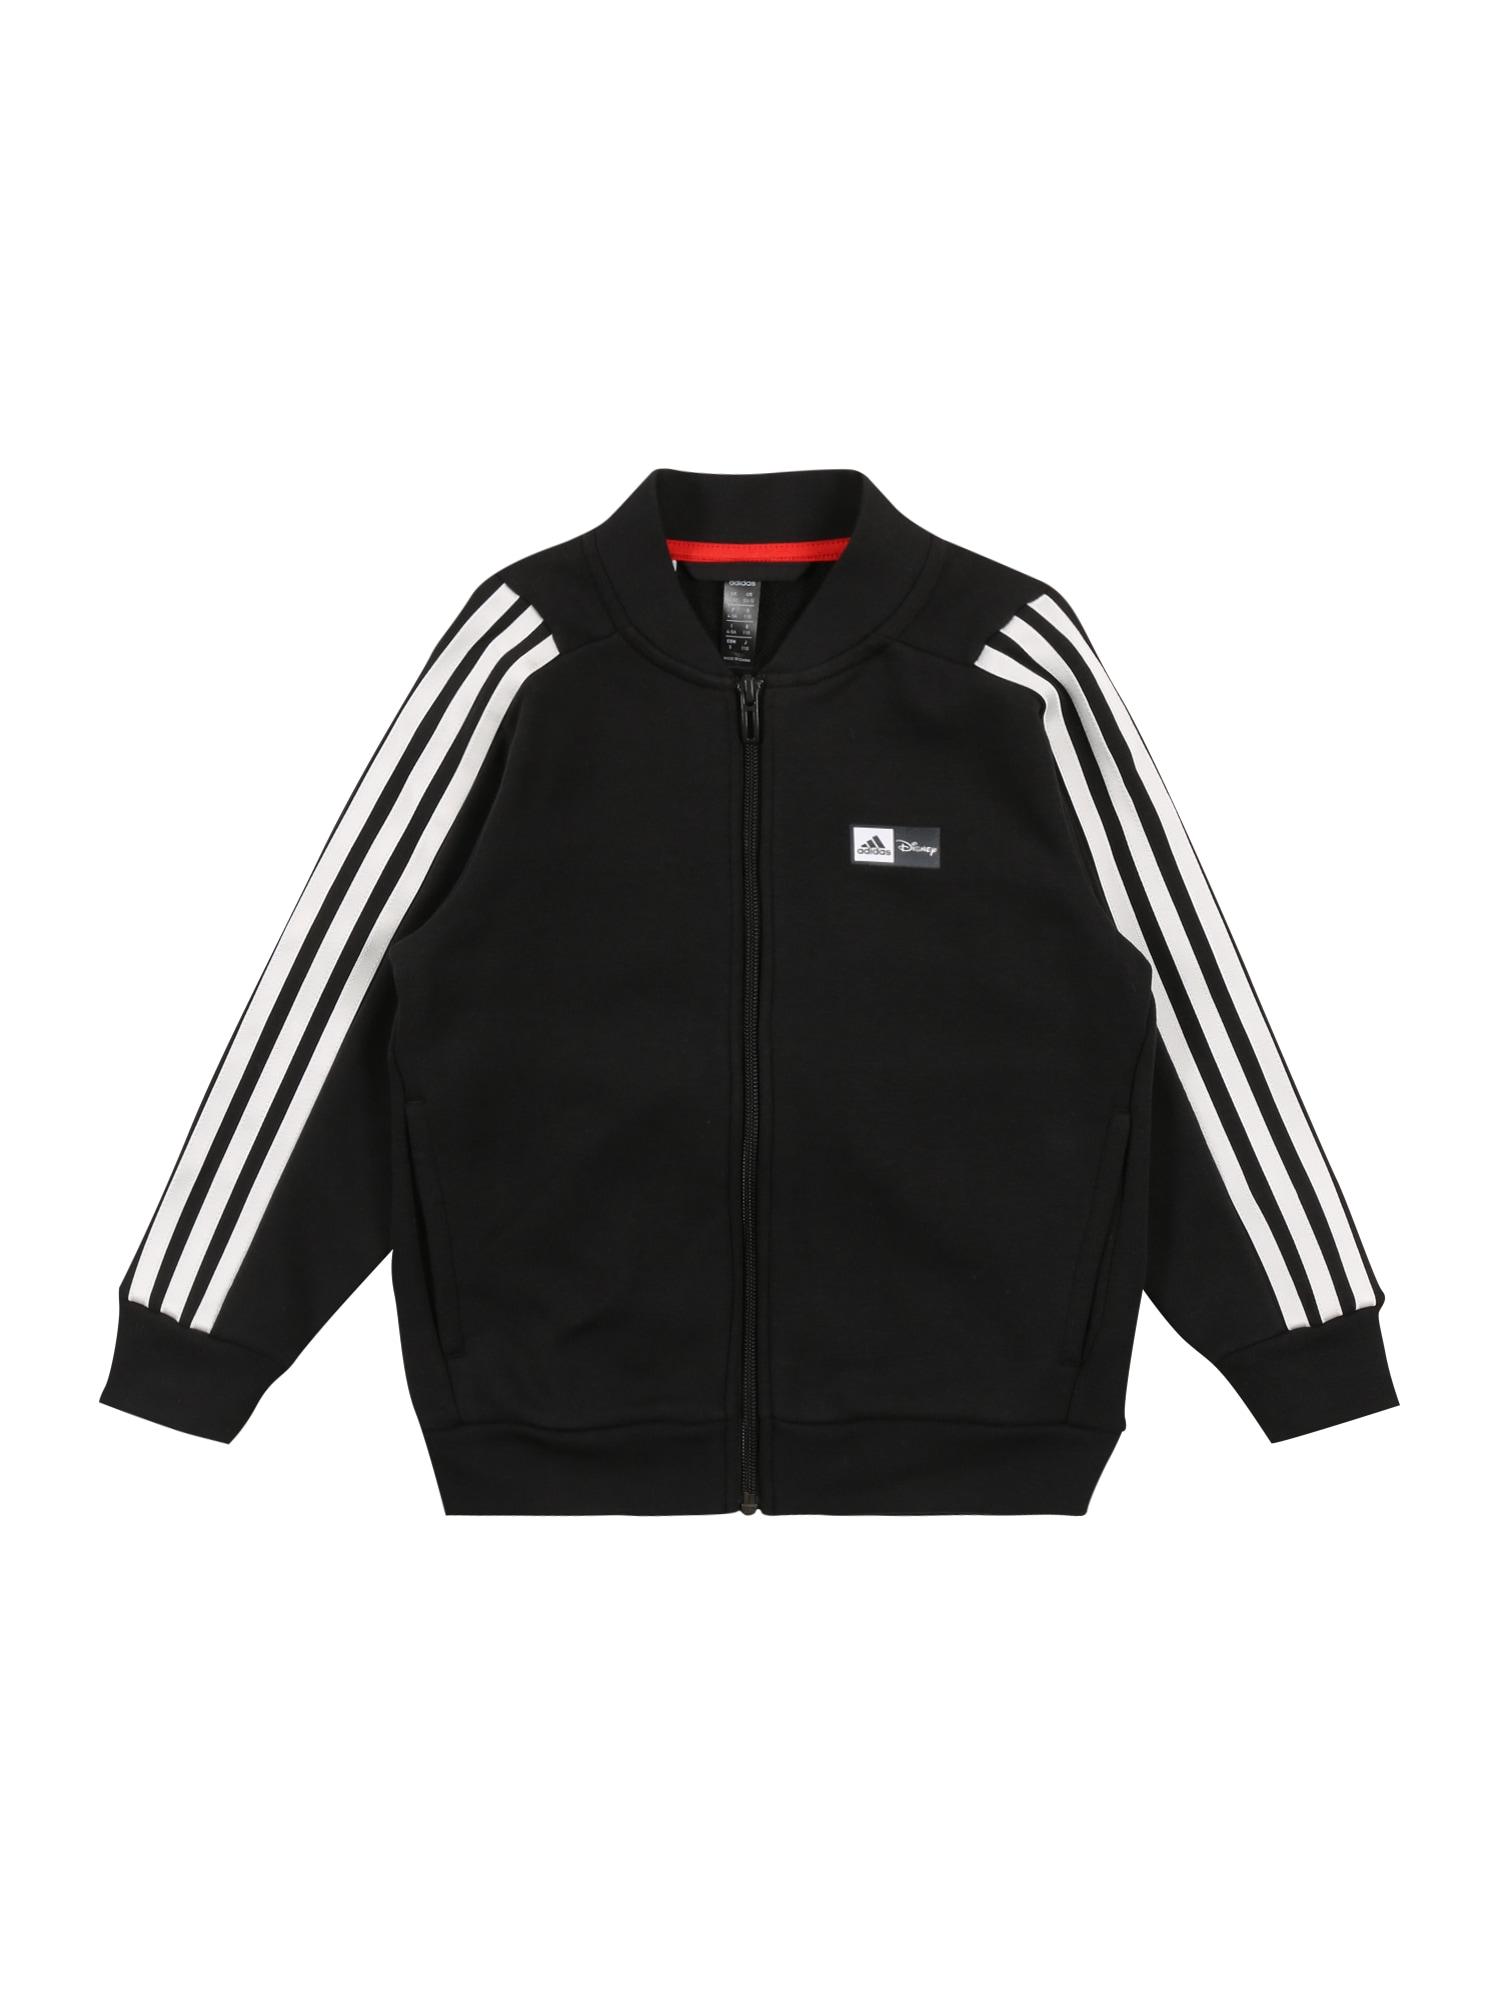 ADIDAS PERFORMANCE Sportinis džemperis 'Mickey Maus' juoda / balta / raudona / geltona